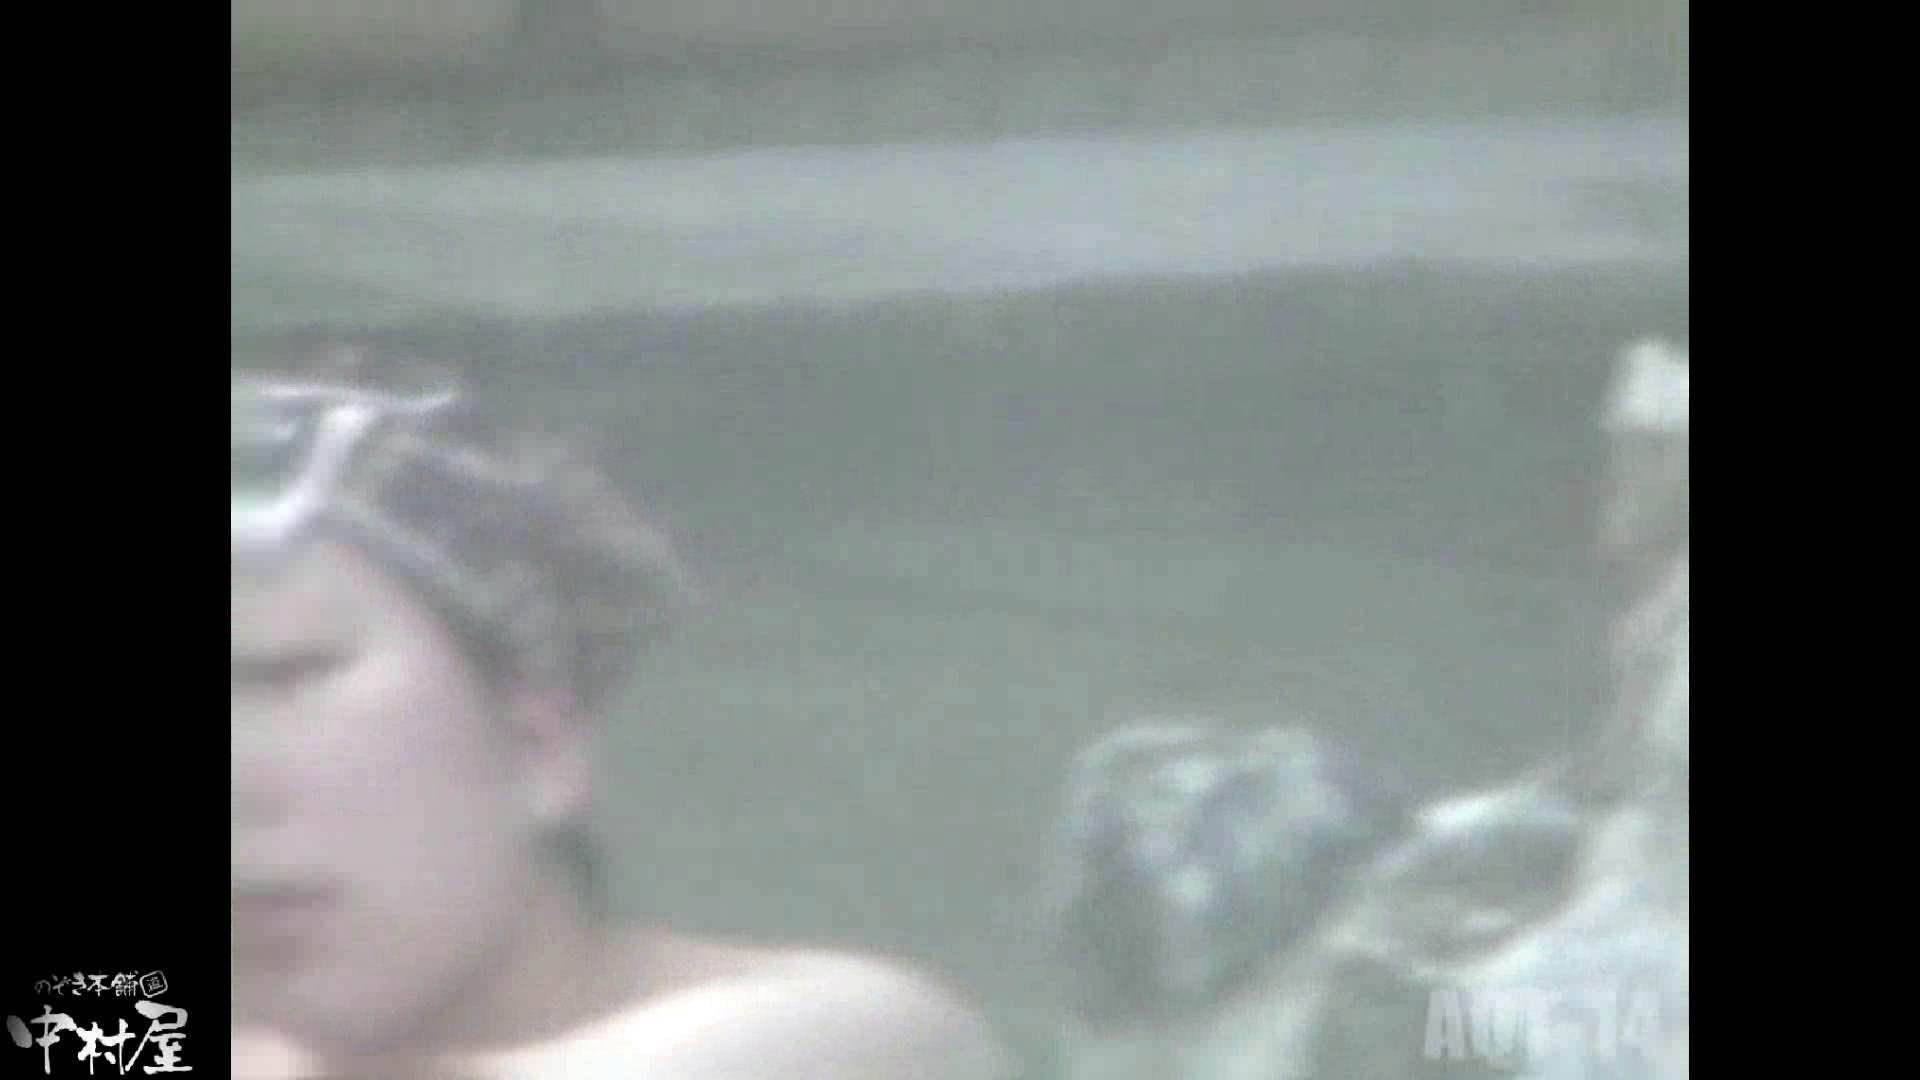 Aquaな露天風呂Vol.878潜入盗撮露天風呂十四判湯 其の十一 盗撮シリーズ  91PIX 51